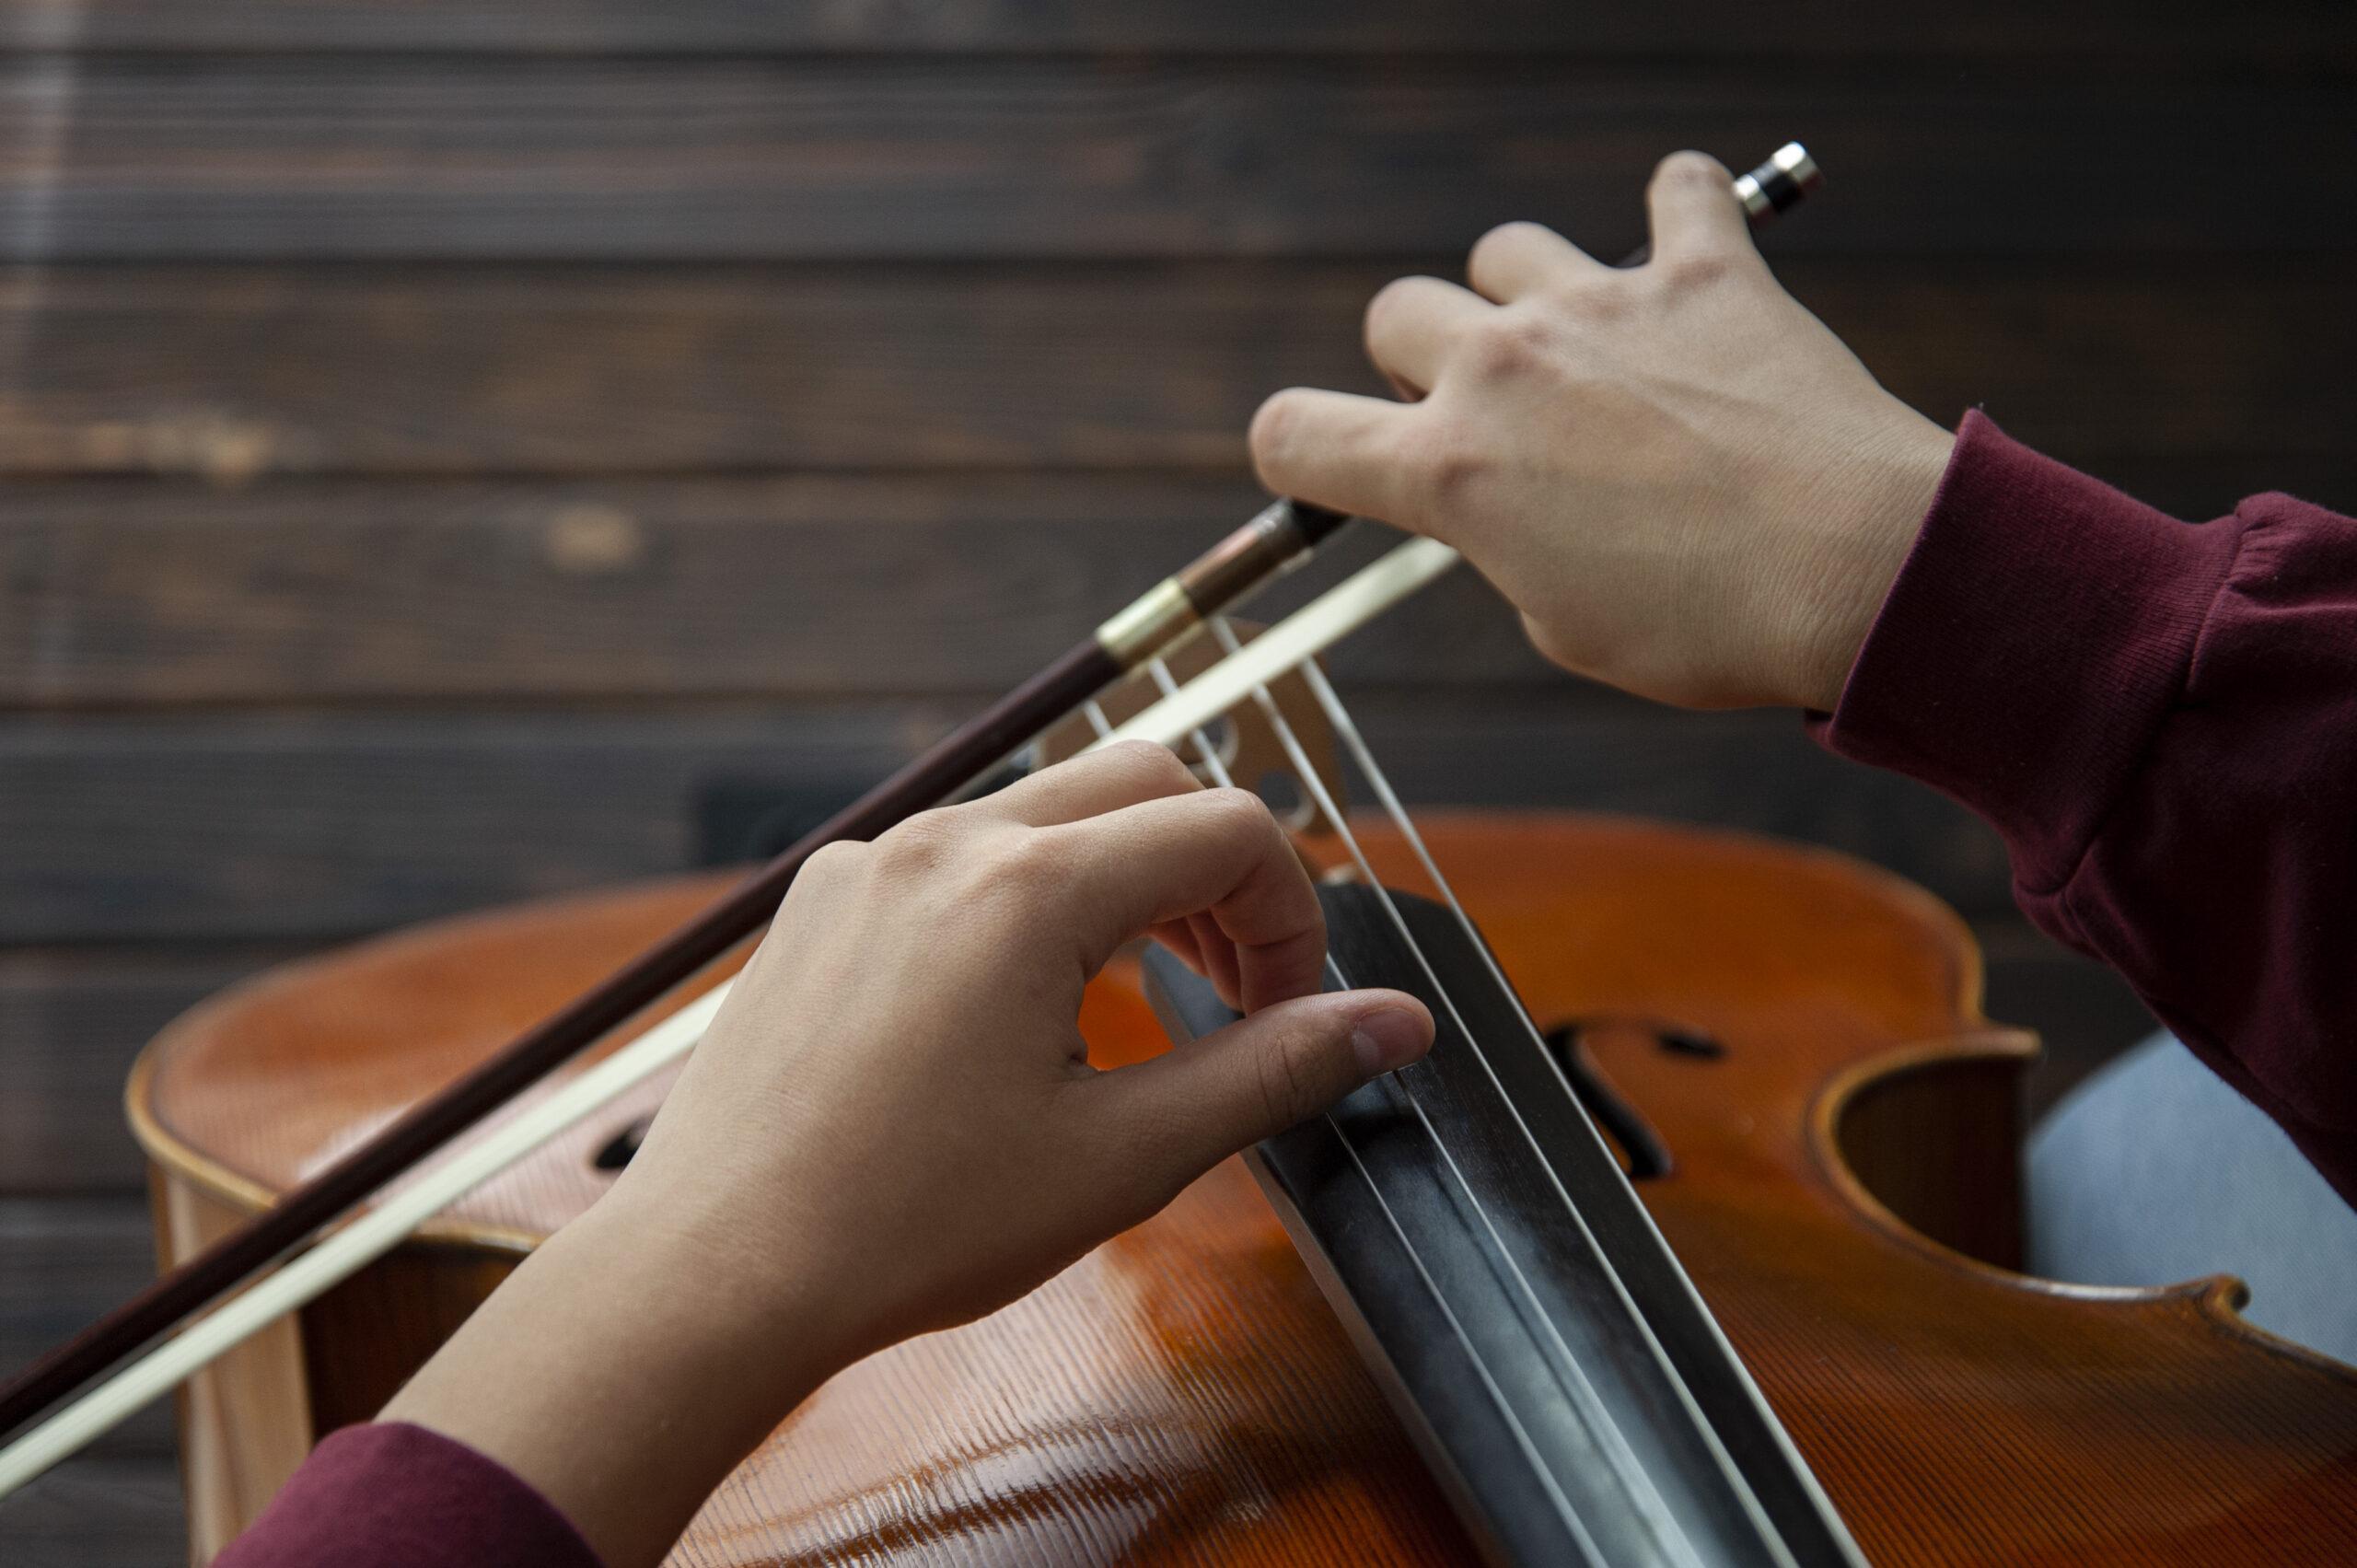 Mains d'un musicien jouant de la contrebasse.